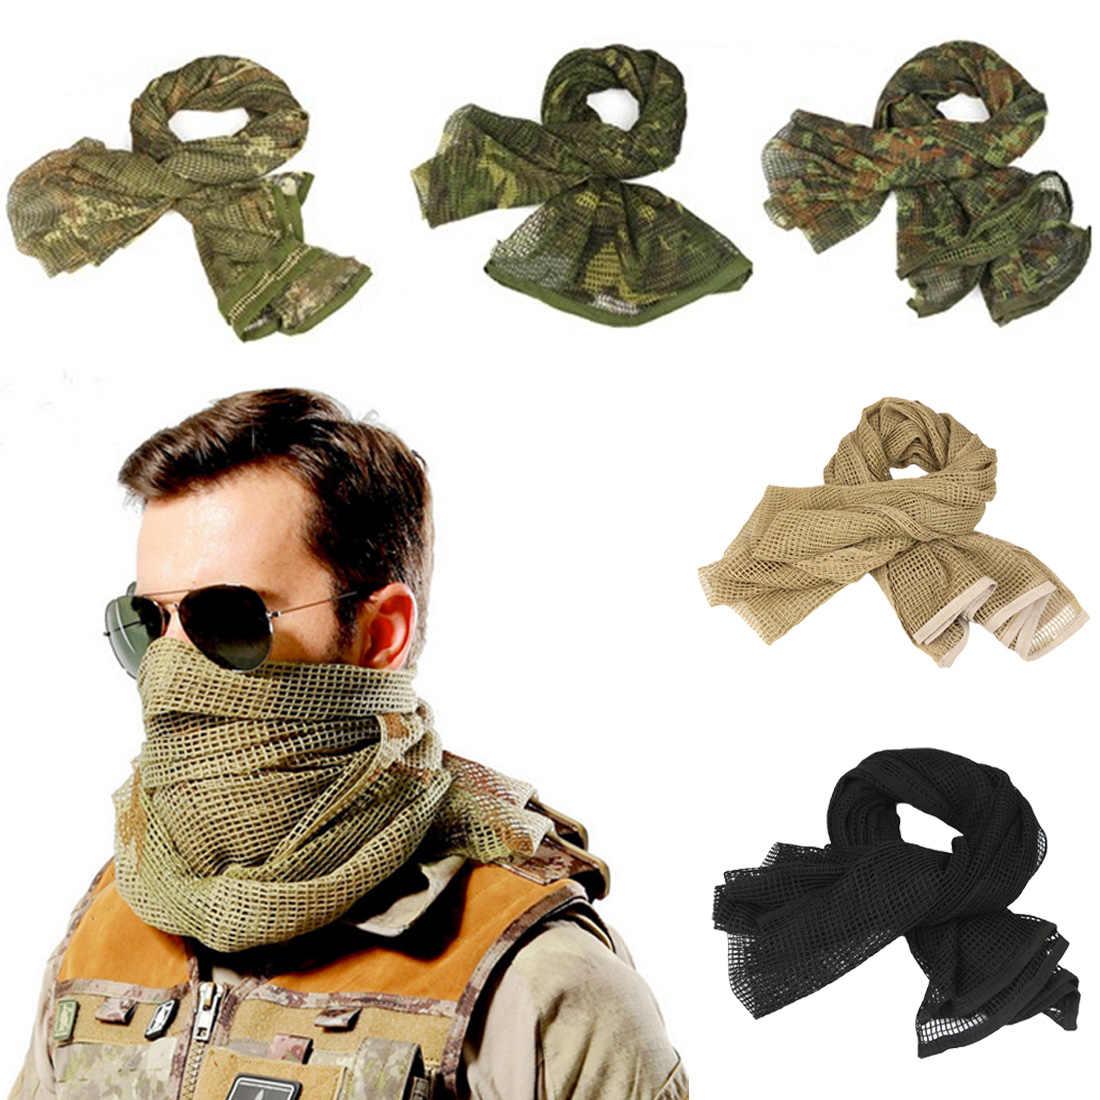 190*90cm coton militaire Camouflage tactique maille écharpe Sniper visage voile Camping chasse multi-usages randonnée écharpes